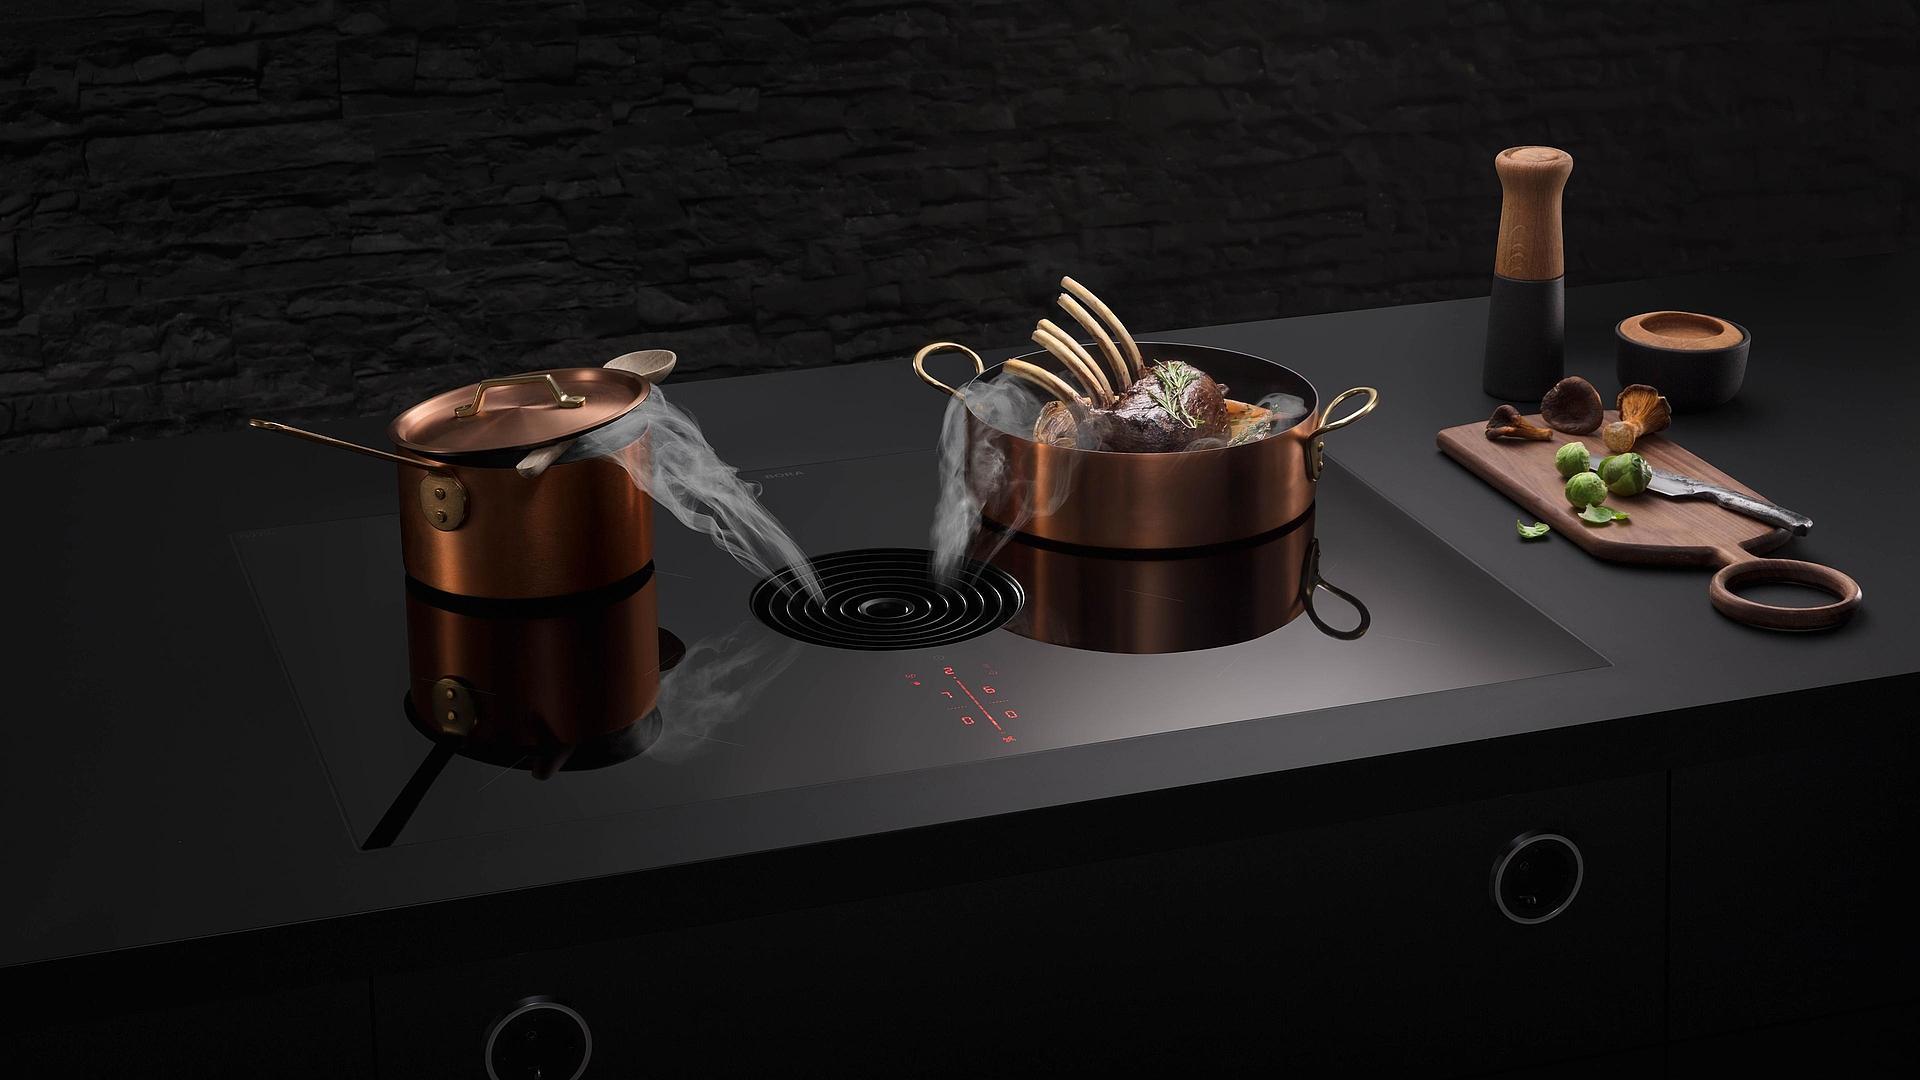 Bora Plaque De Cuisson nouvelles tables de cuisson plaque bora avec hotte aspirante